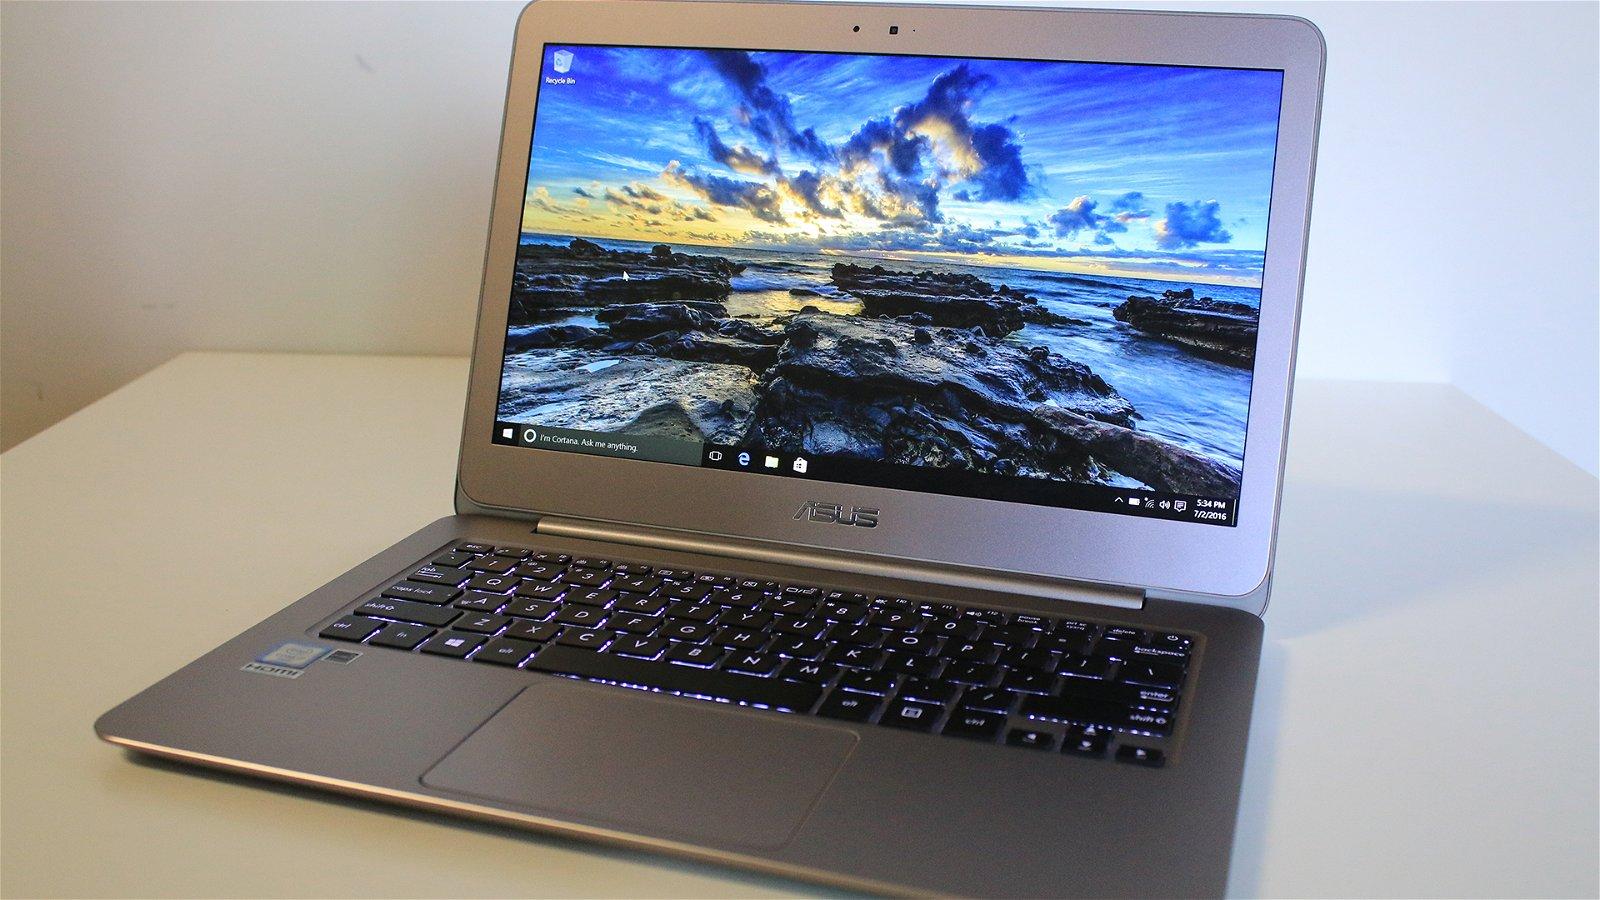 ASUS Zenbook UX305UA (Hardware) Review 3